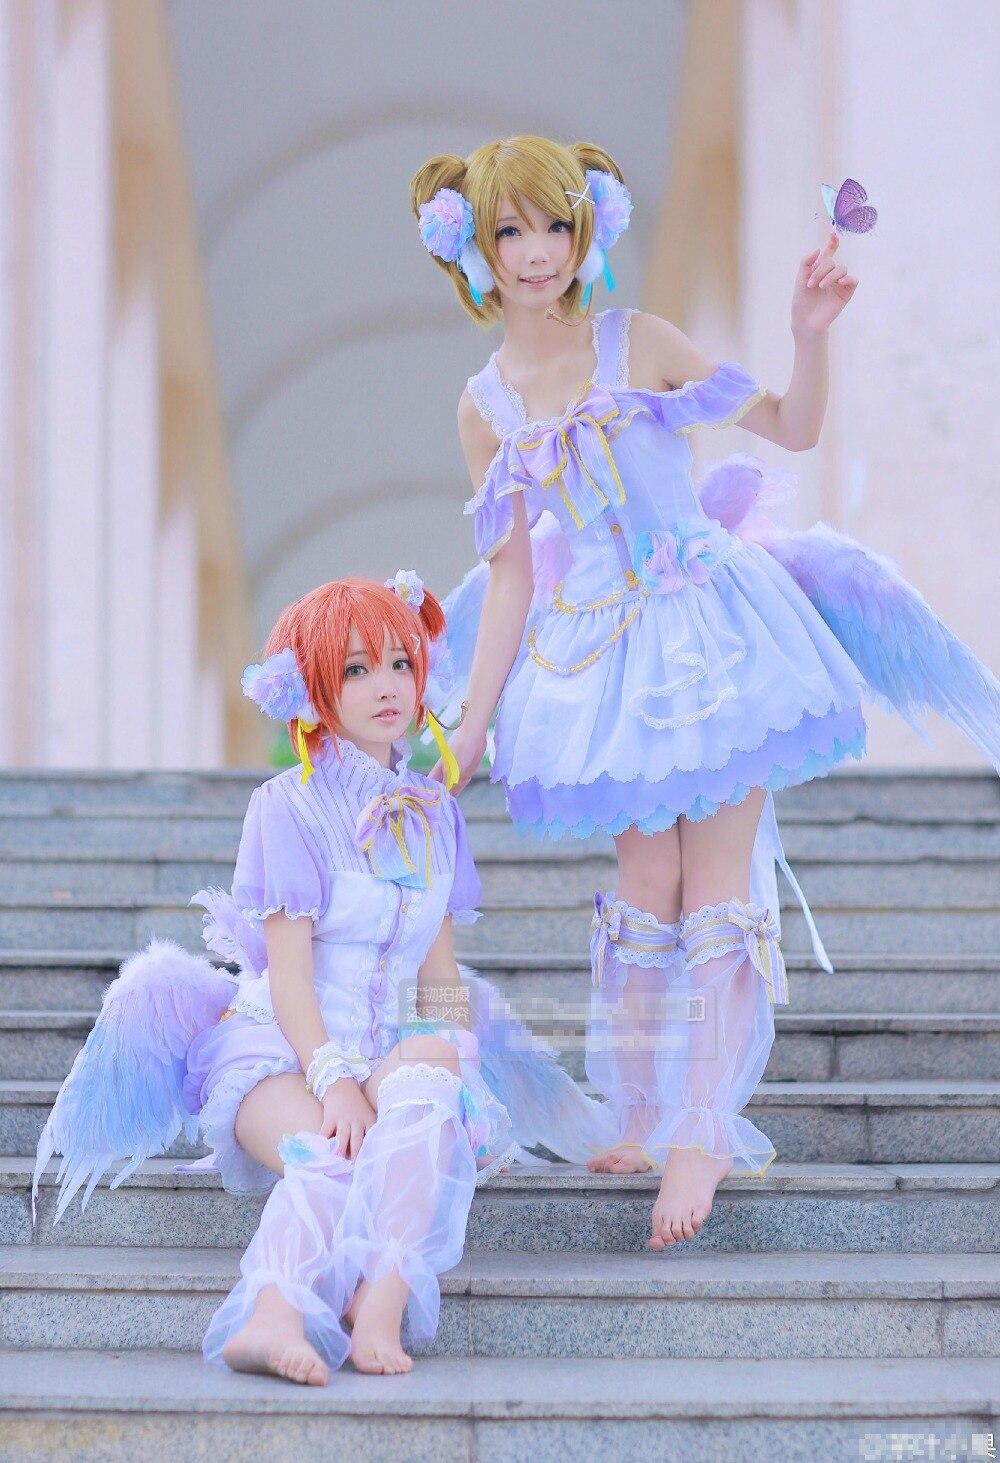 Hat Love Live Circus Awakening Koizumi Hanayo Cosplay Costume Fancy Girl Dress